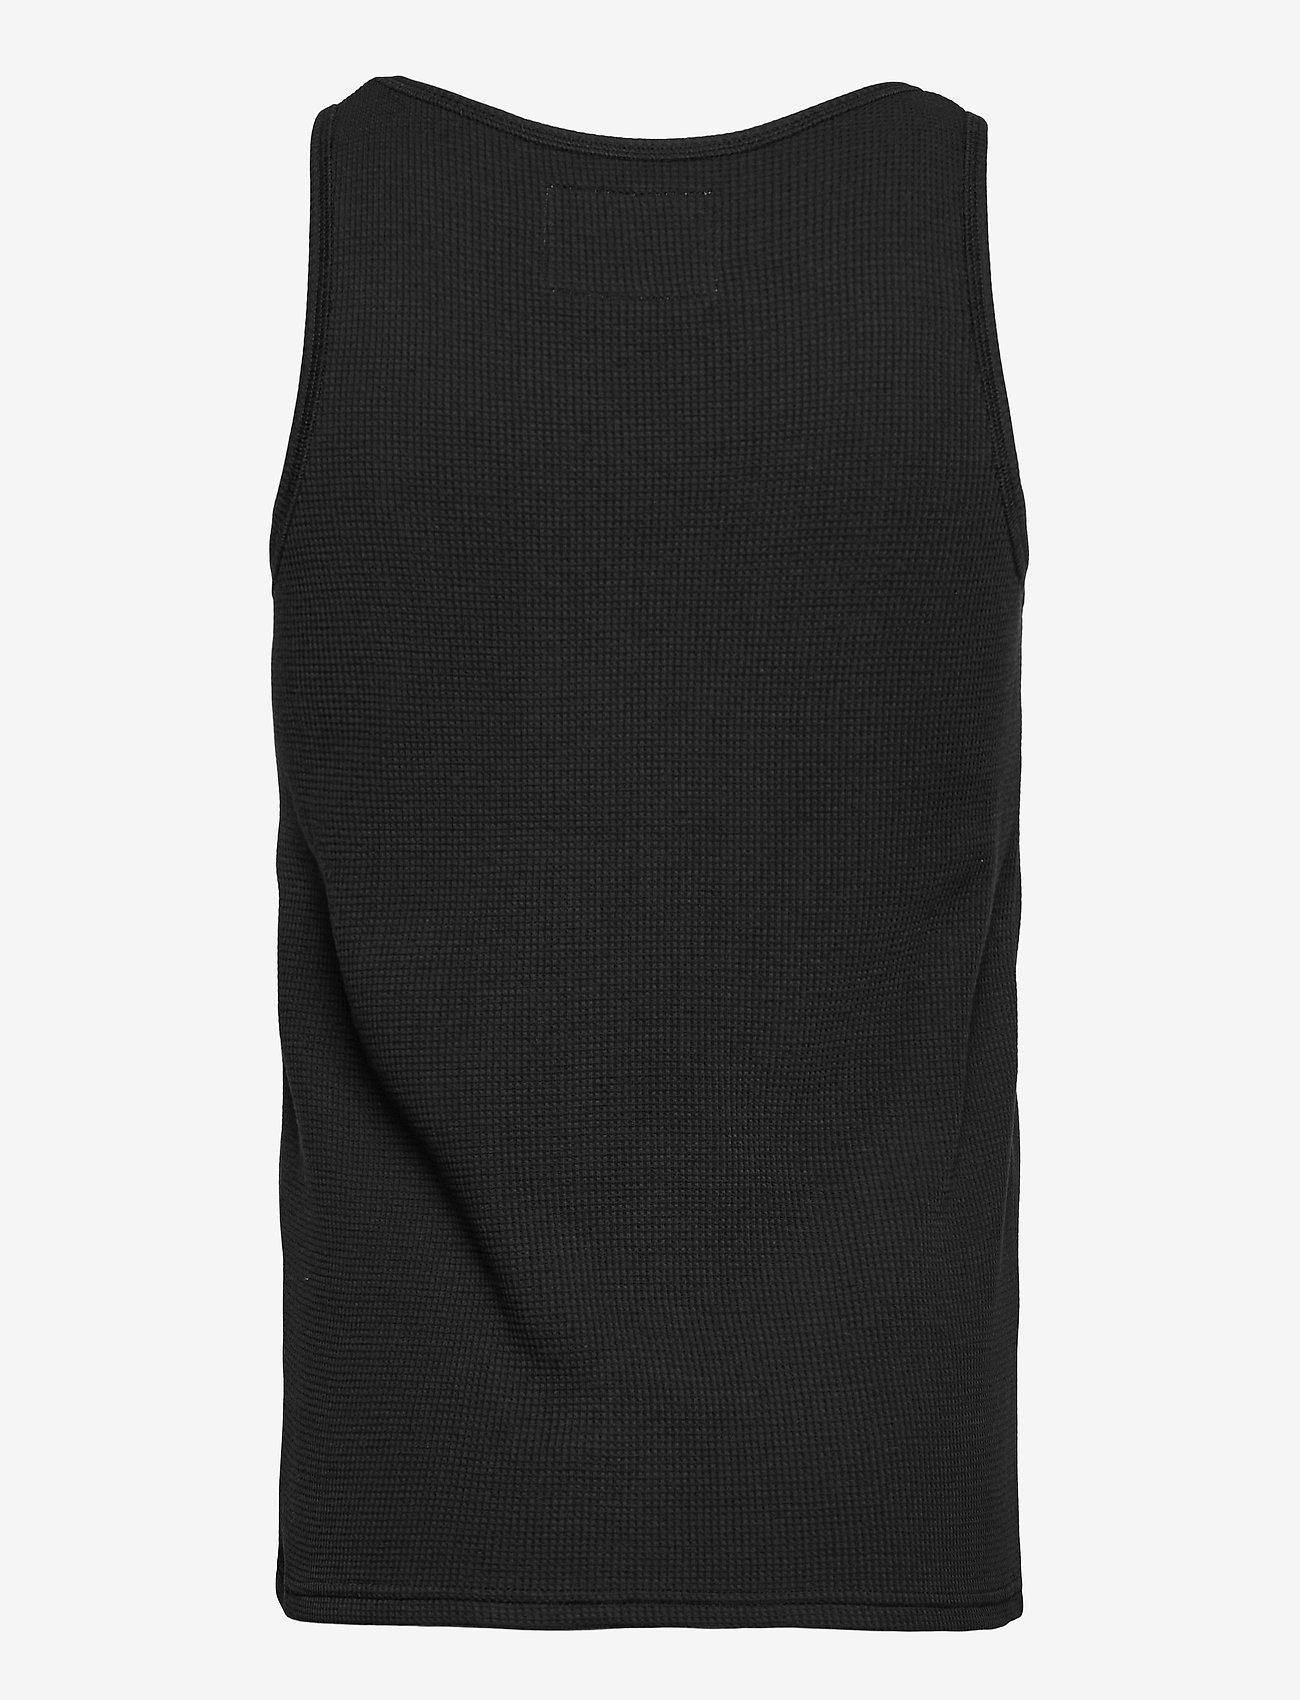 HALO - HALO WOMENS WAFFLE TANK - sleeveless tops - black - 1